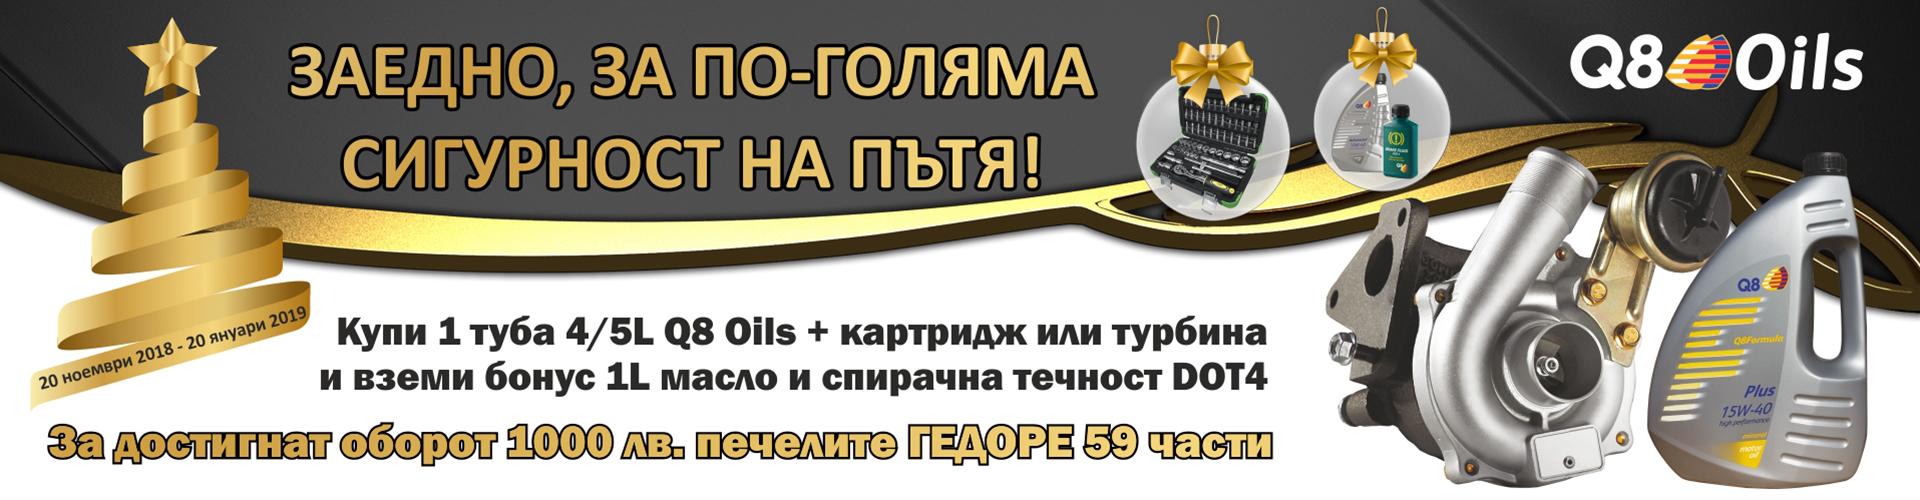 promo_q8_turbine_dec2018_banner.jpg